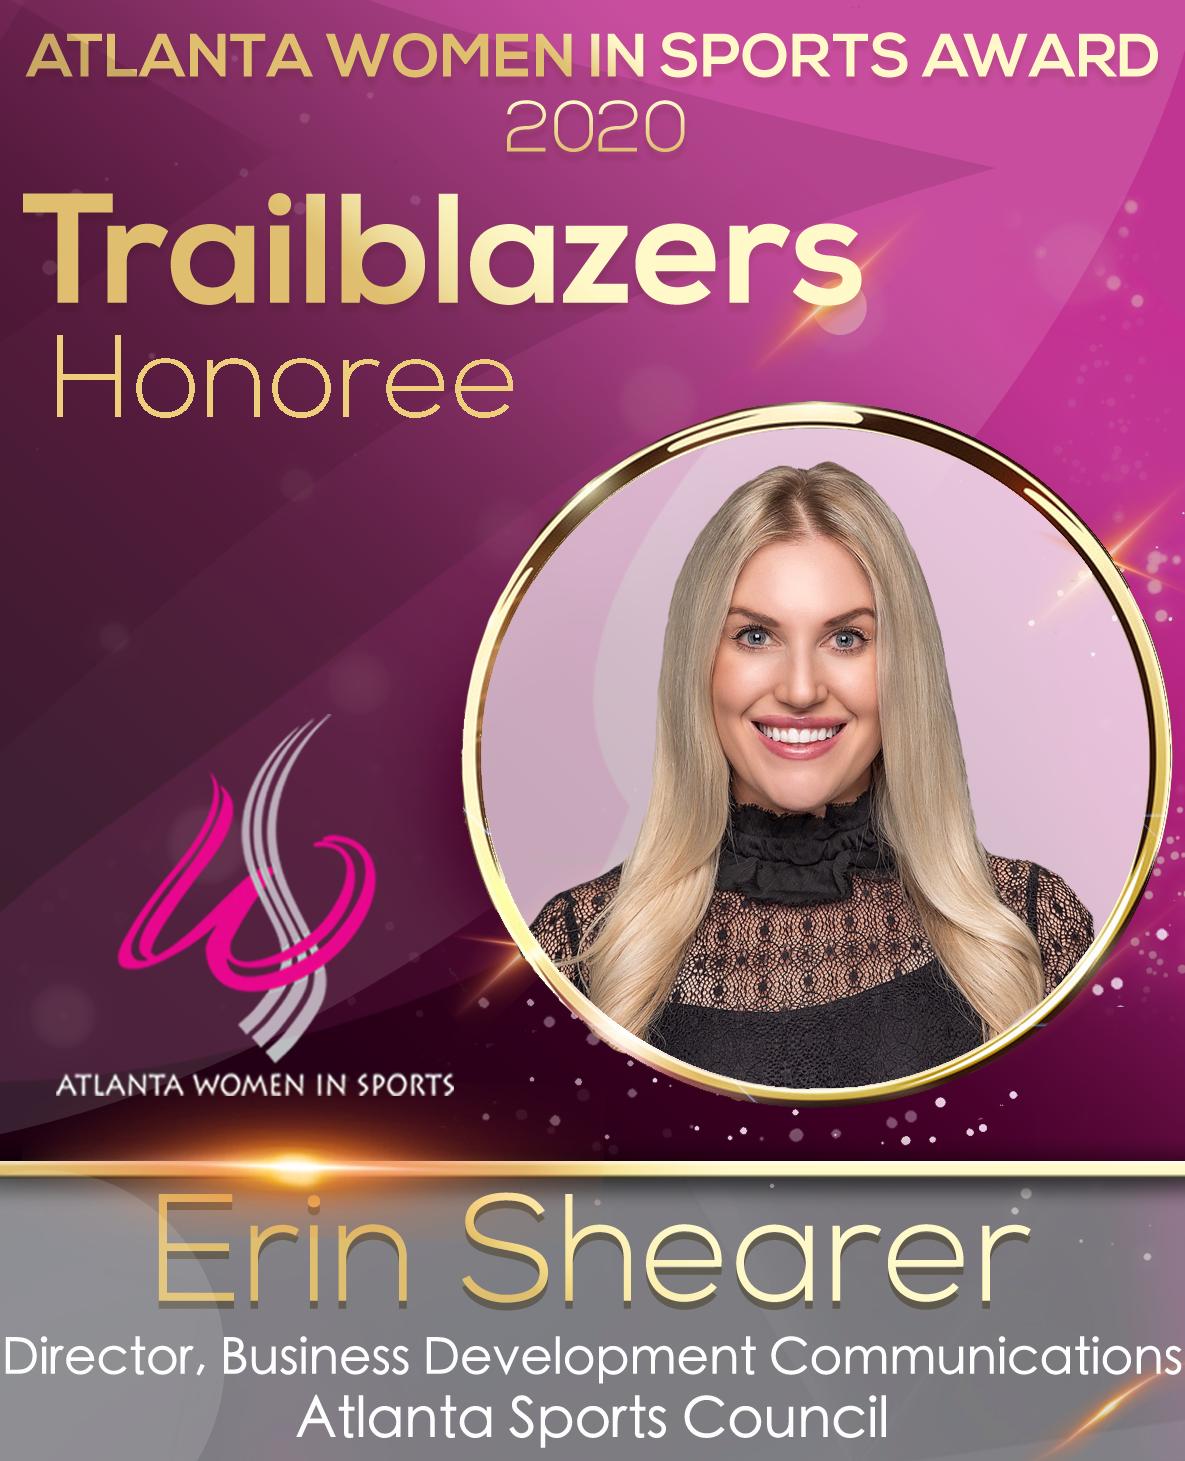 Erin Shearer